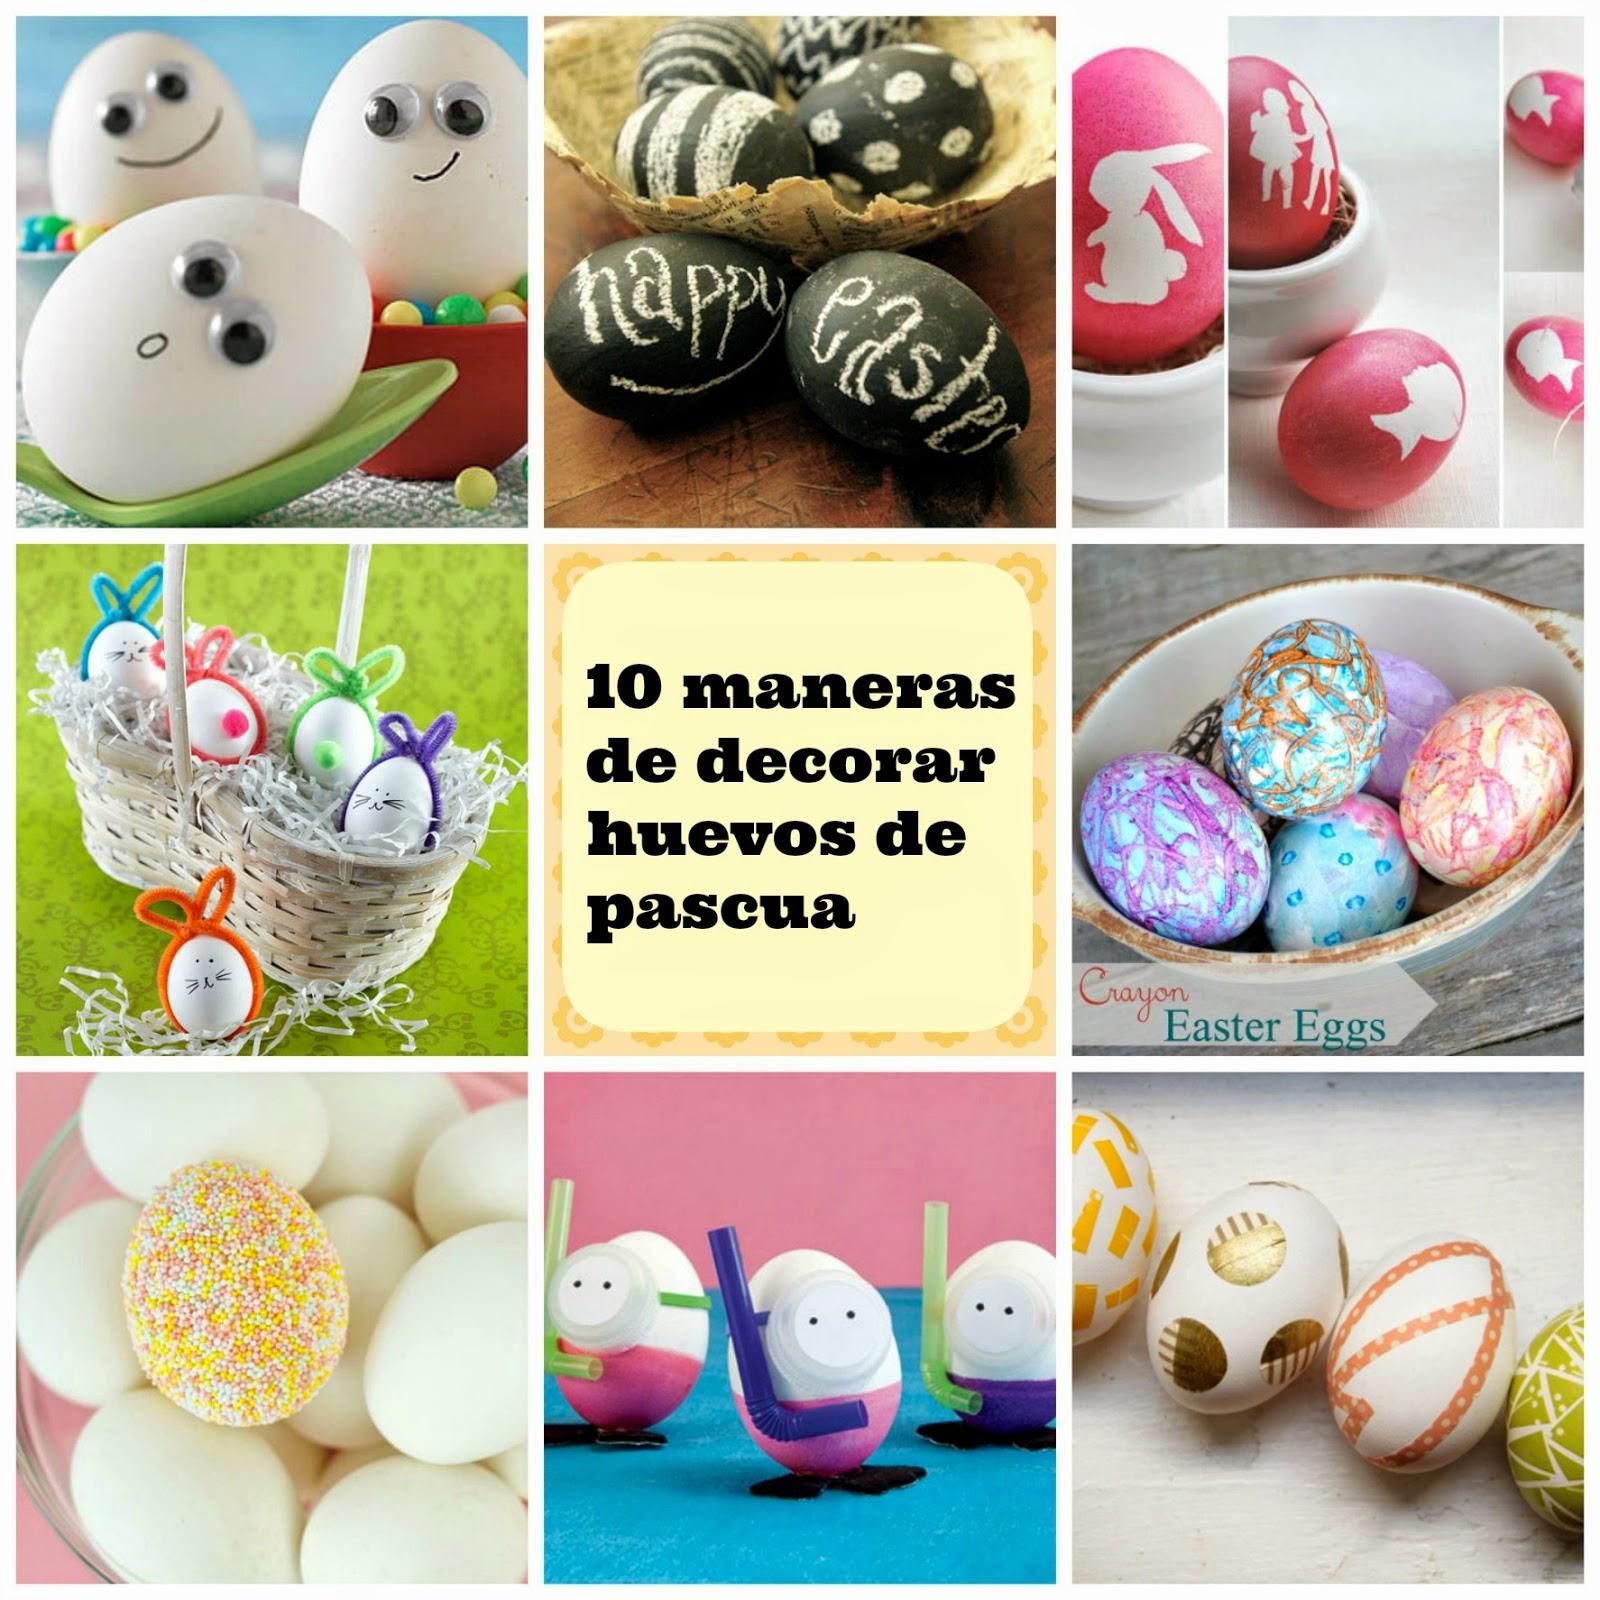 10 maneras de decorar huevos de pascua manzanaterapia for Como pintar huevos de pascua